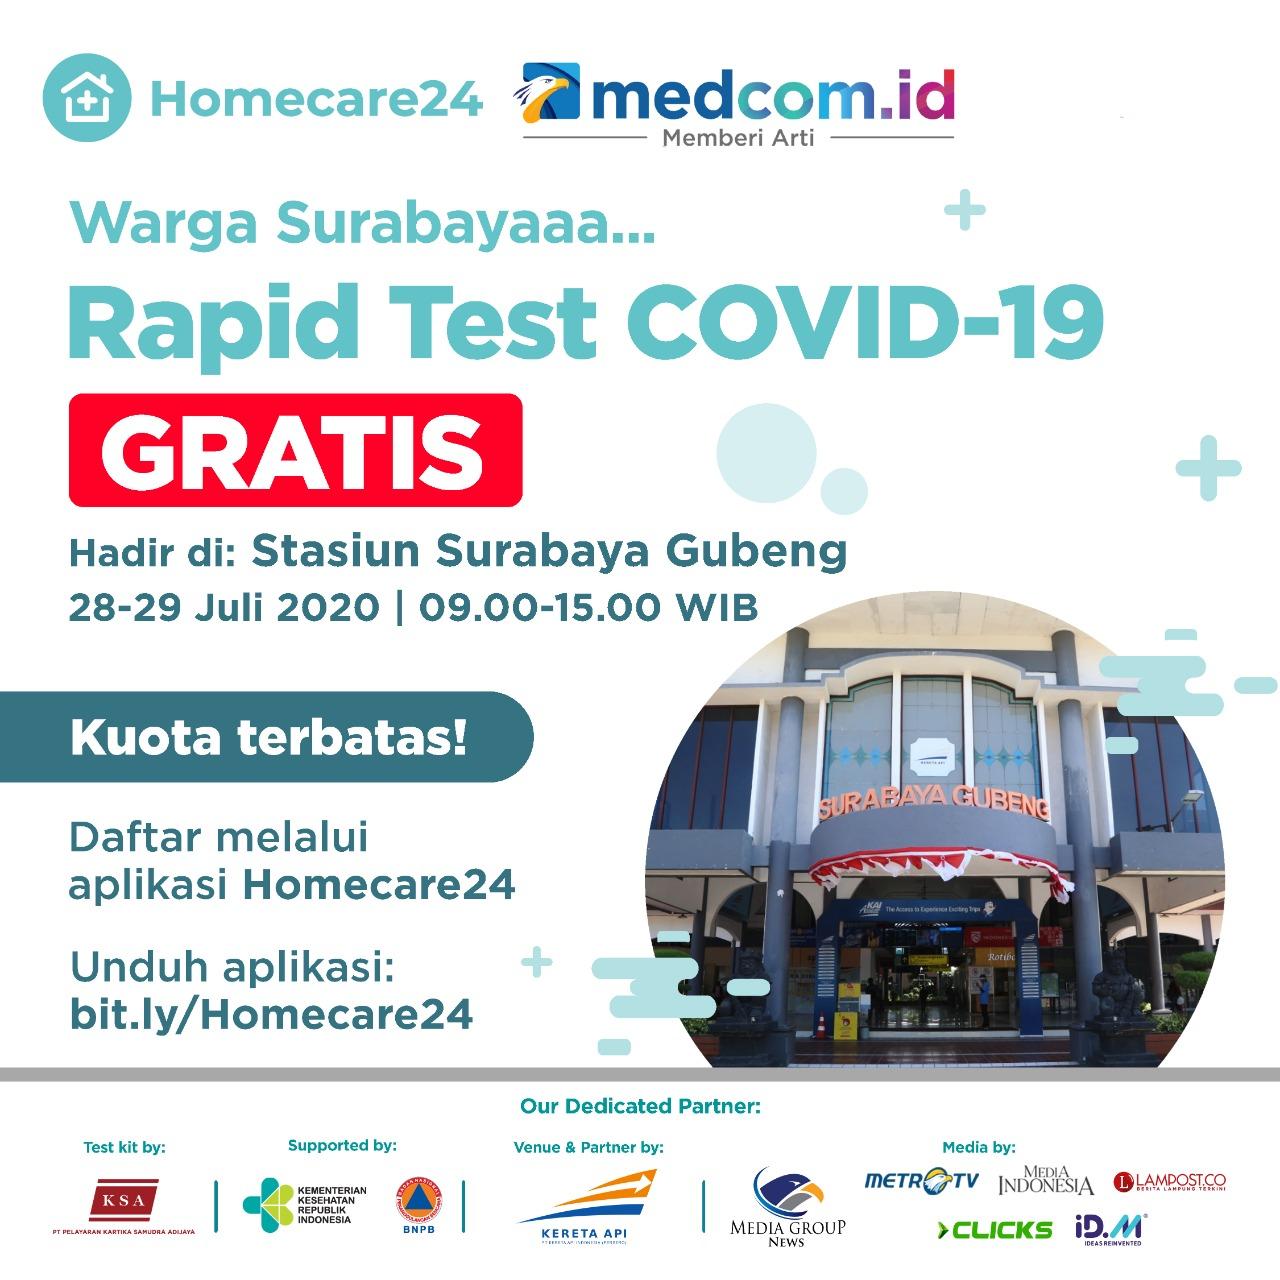 Bersama Homecare24, Clicks.id Gelar Rapid Test Gratis di Stasiun Gubeng, Ini Jadwalnya!